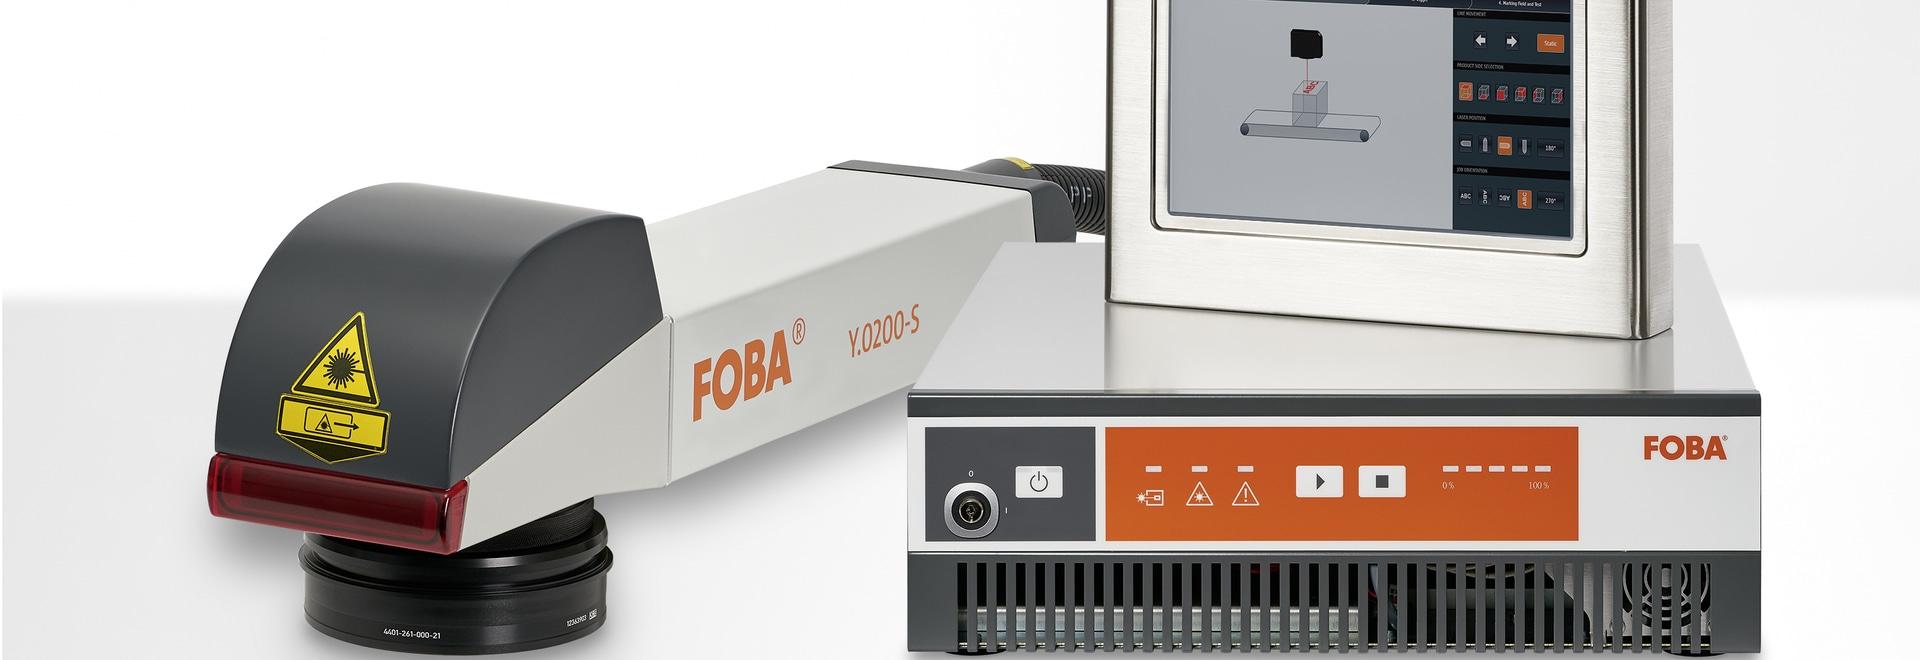 La unidad de marcado FOBA Y.0200-S puede ser controlada usando el controlador láser de pantalla táctil a color de 10,1 pulgadas con clasificación IP65. (derechos de imagen: FOBA)